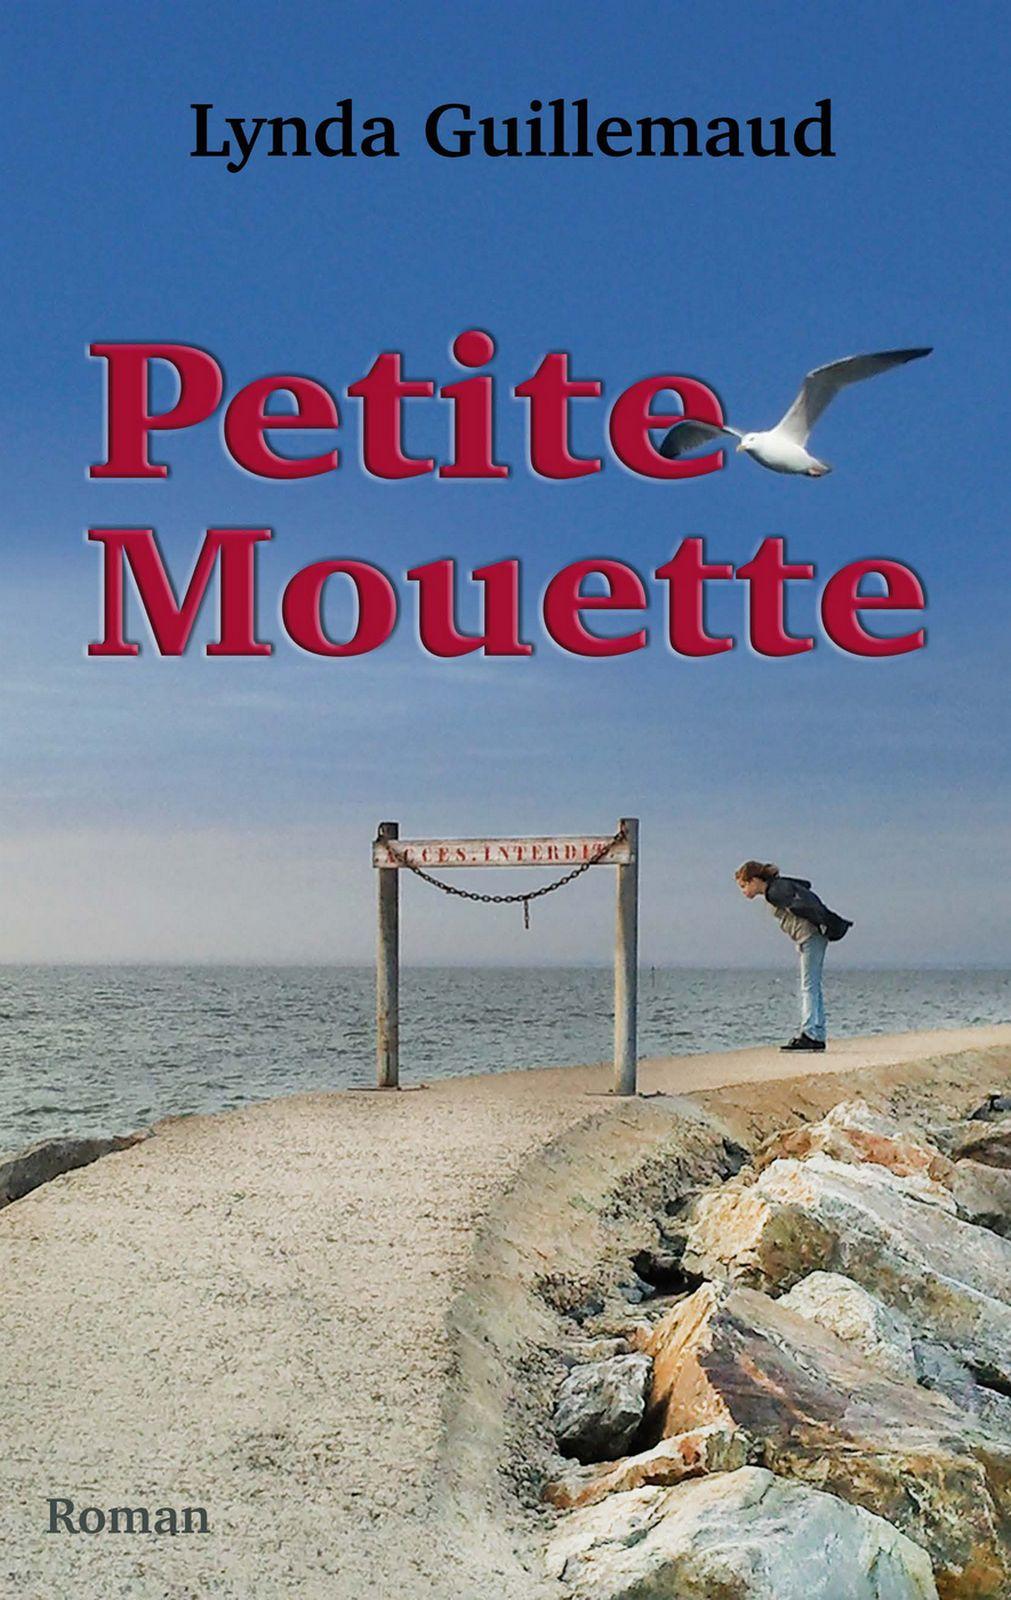 Petite mouette couverture roman